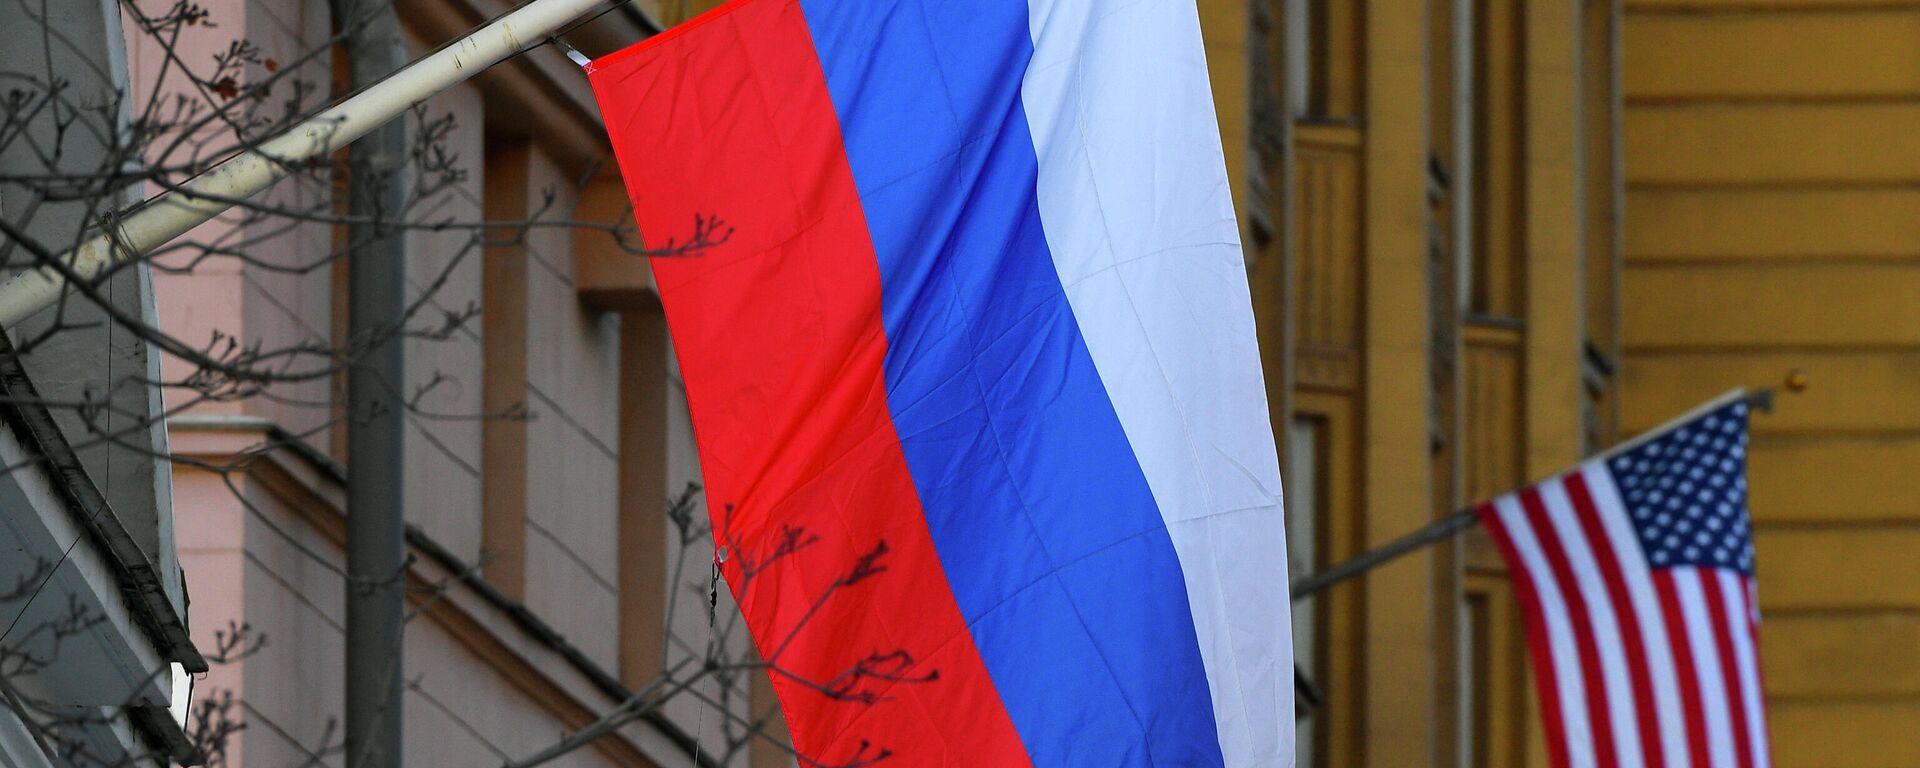 Banderas de Rusia y EEUU en la Embajada estadounidense en Moscú - Sputnik Mundo, 1920, 10.07.2021